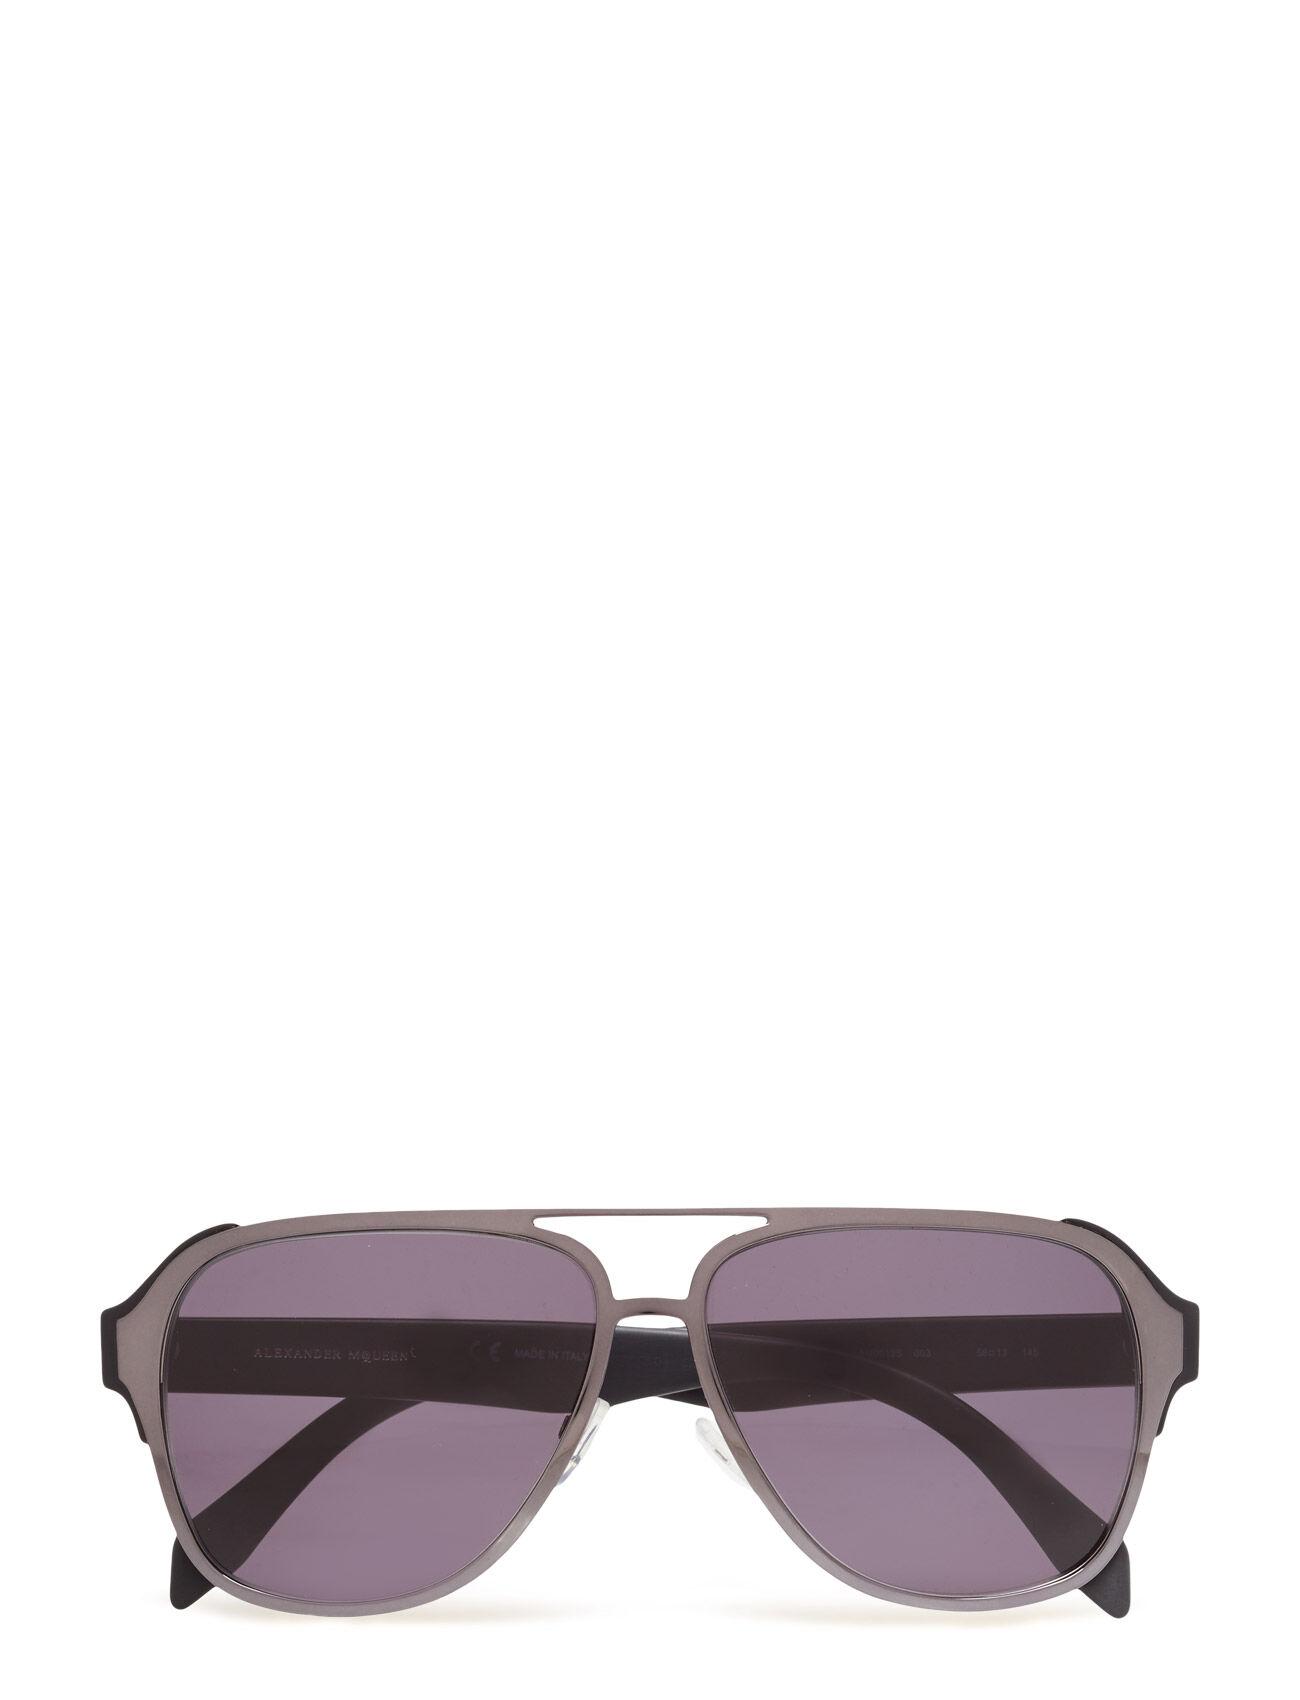 Alexander McQueen Eyewear Am0012s